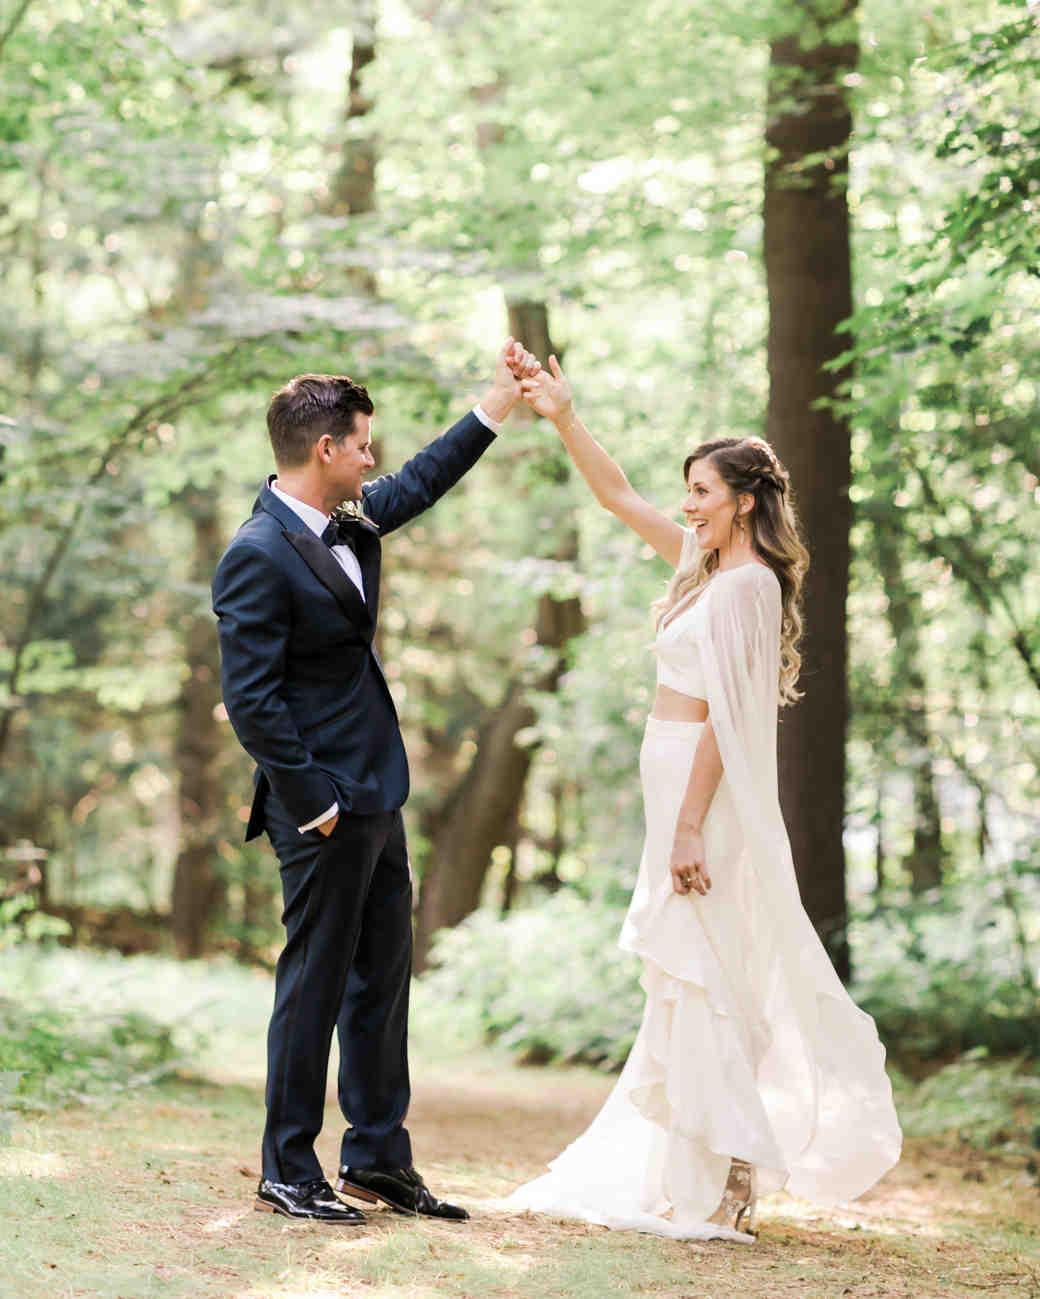 vanessa steven wedding couple hands in air